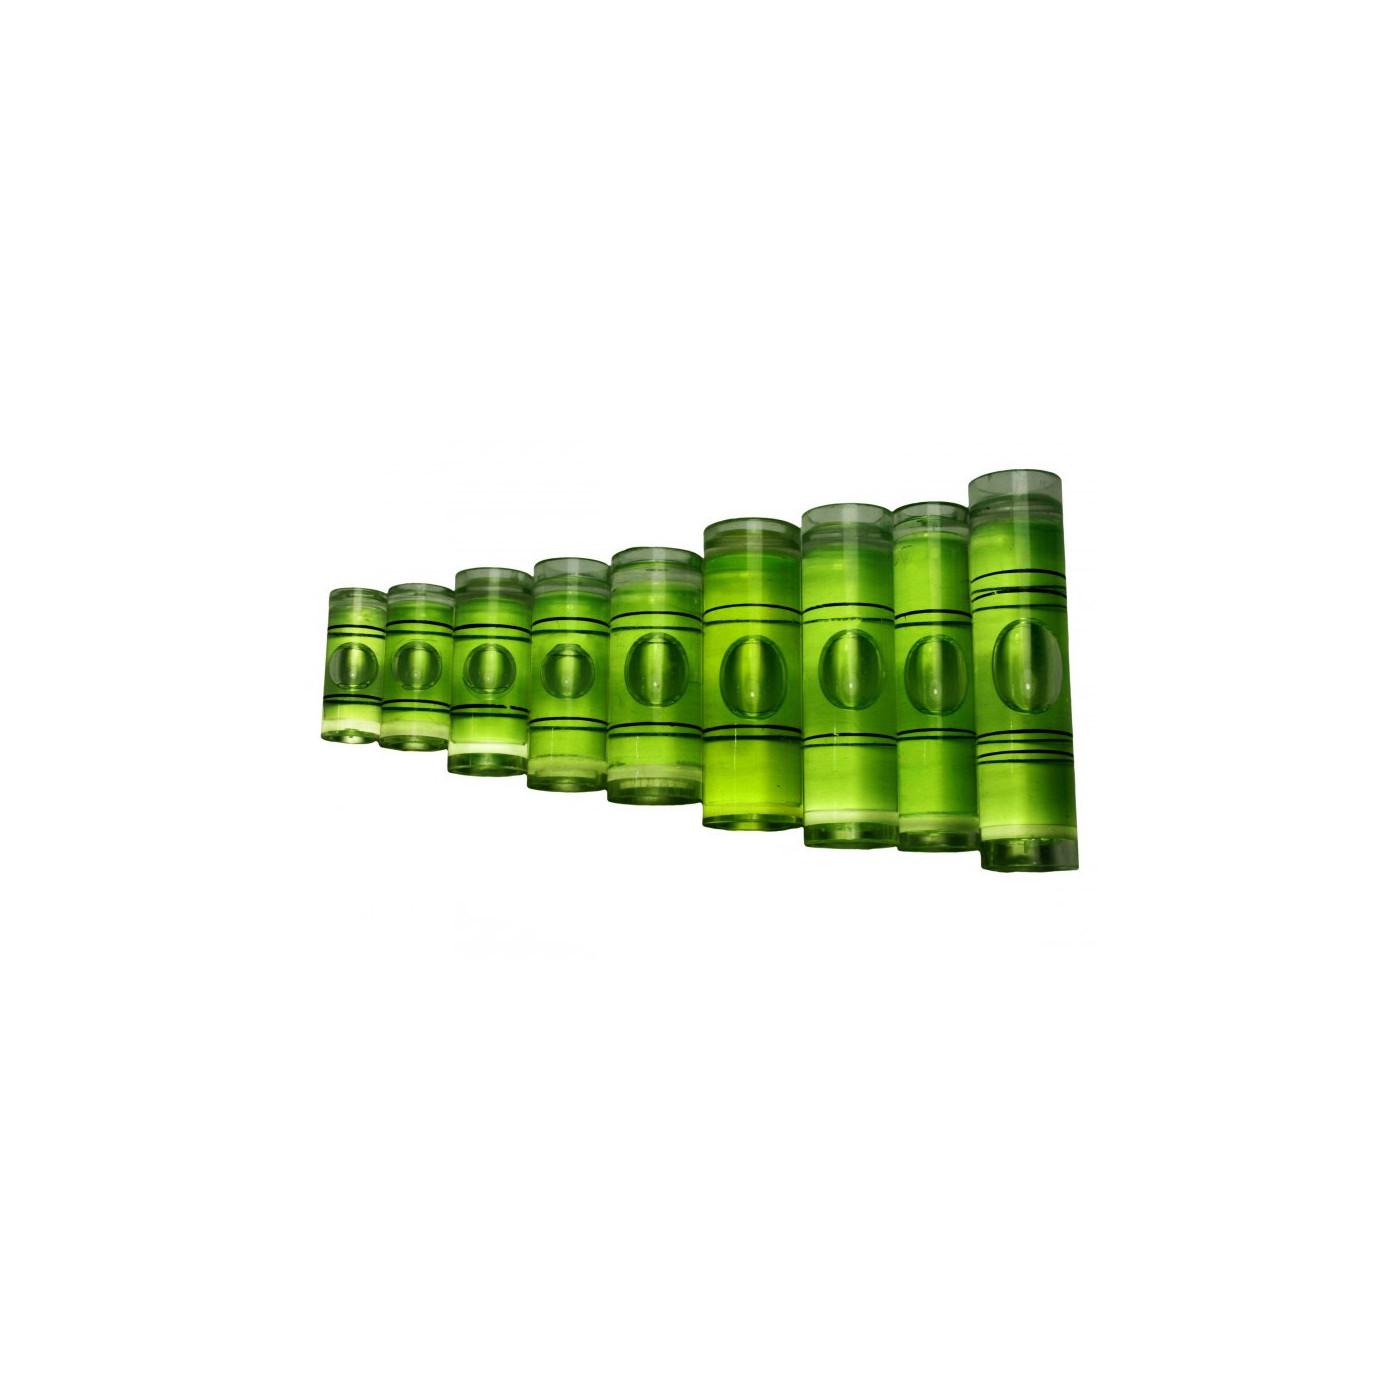 Conjunto de 20 viales para niveles de burbuja (tamaño 7, verde)  - 1